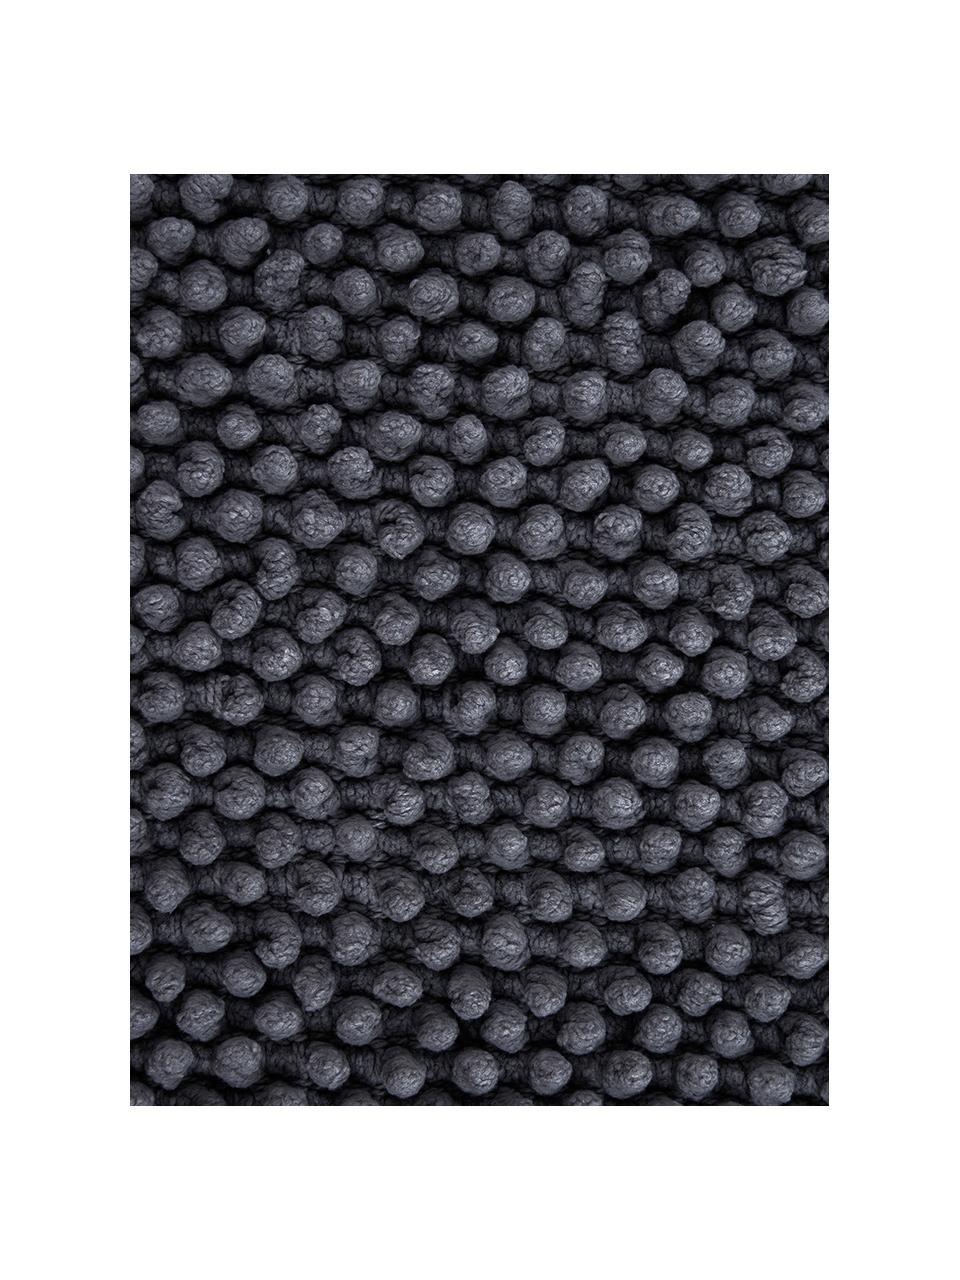 Kissenhülle Indi mit strukturierter Oberfläche in Dunkelgrau, 100% Baumwolle, Dunkelgrau, 45 x 45 cm